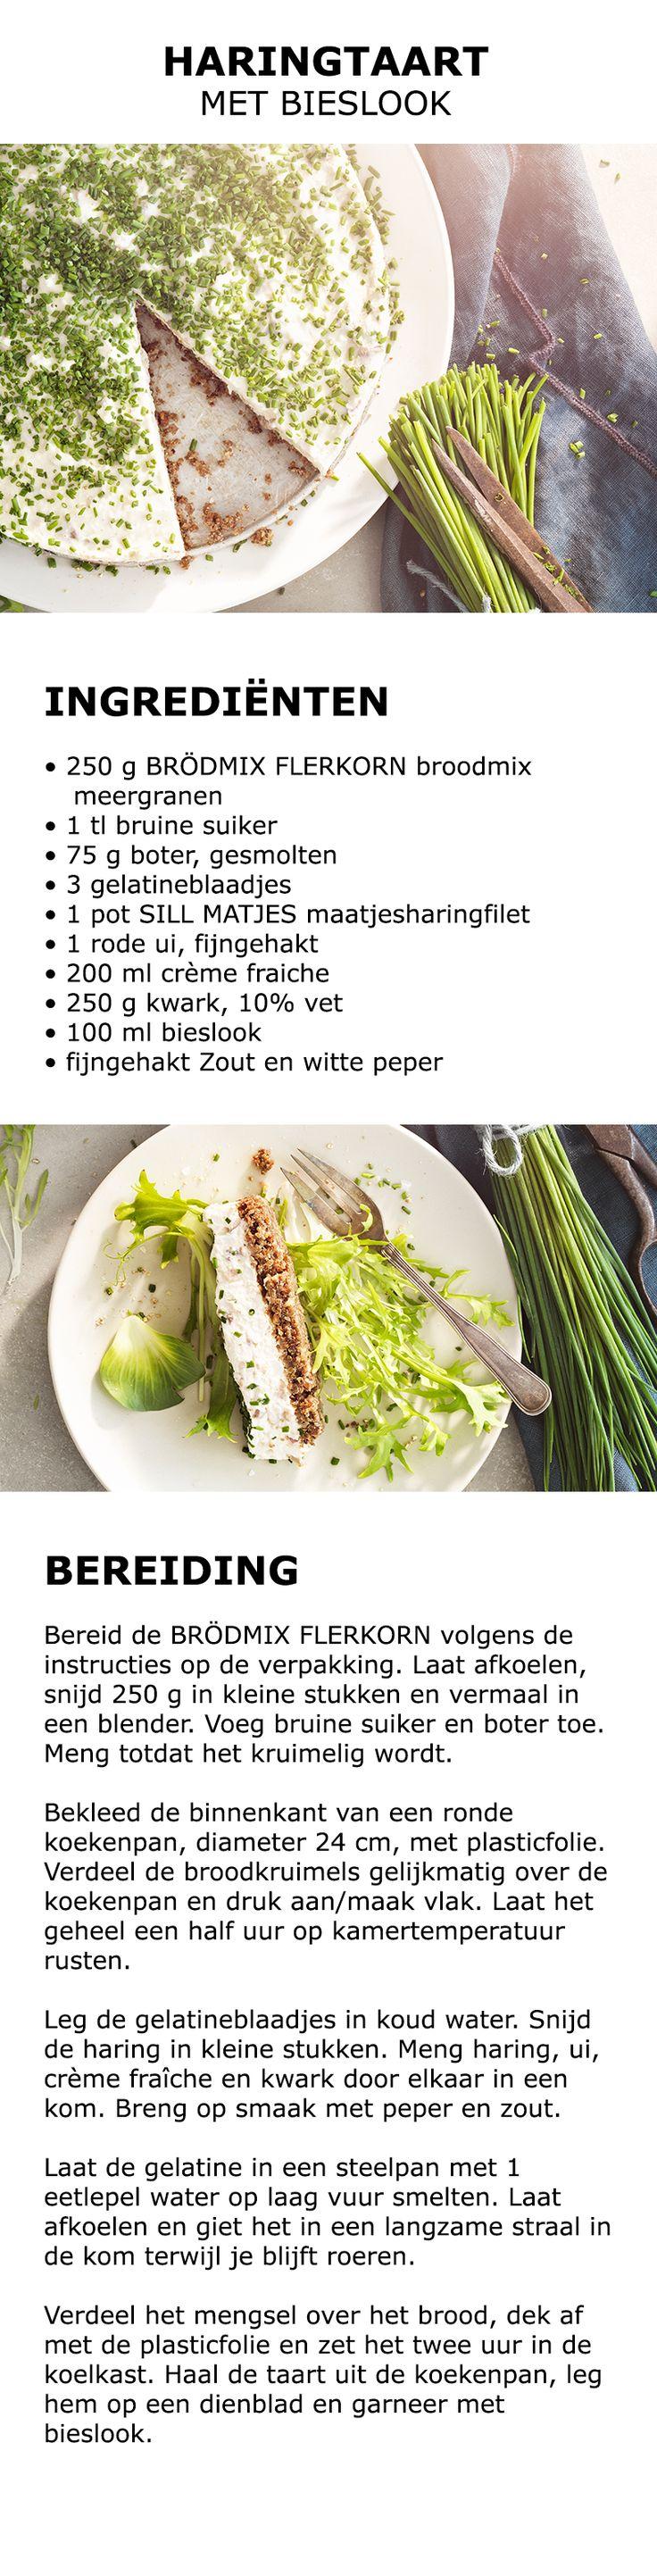 Inspiratie voor Midsommar - Haringtaart met bieslook | #koken #keuken #recept #gerecht #midsommar #zomer #vieren #traditie #zweeds #eten #drinken #hartig #taart #haring #taart